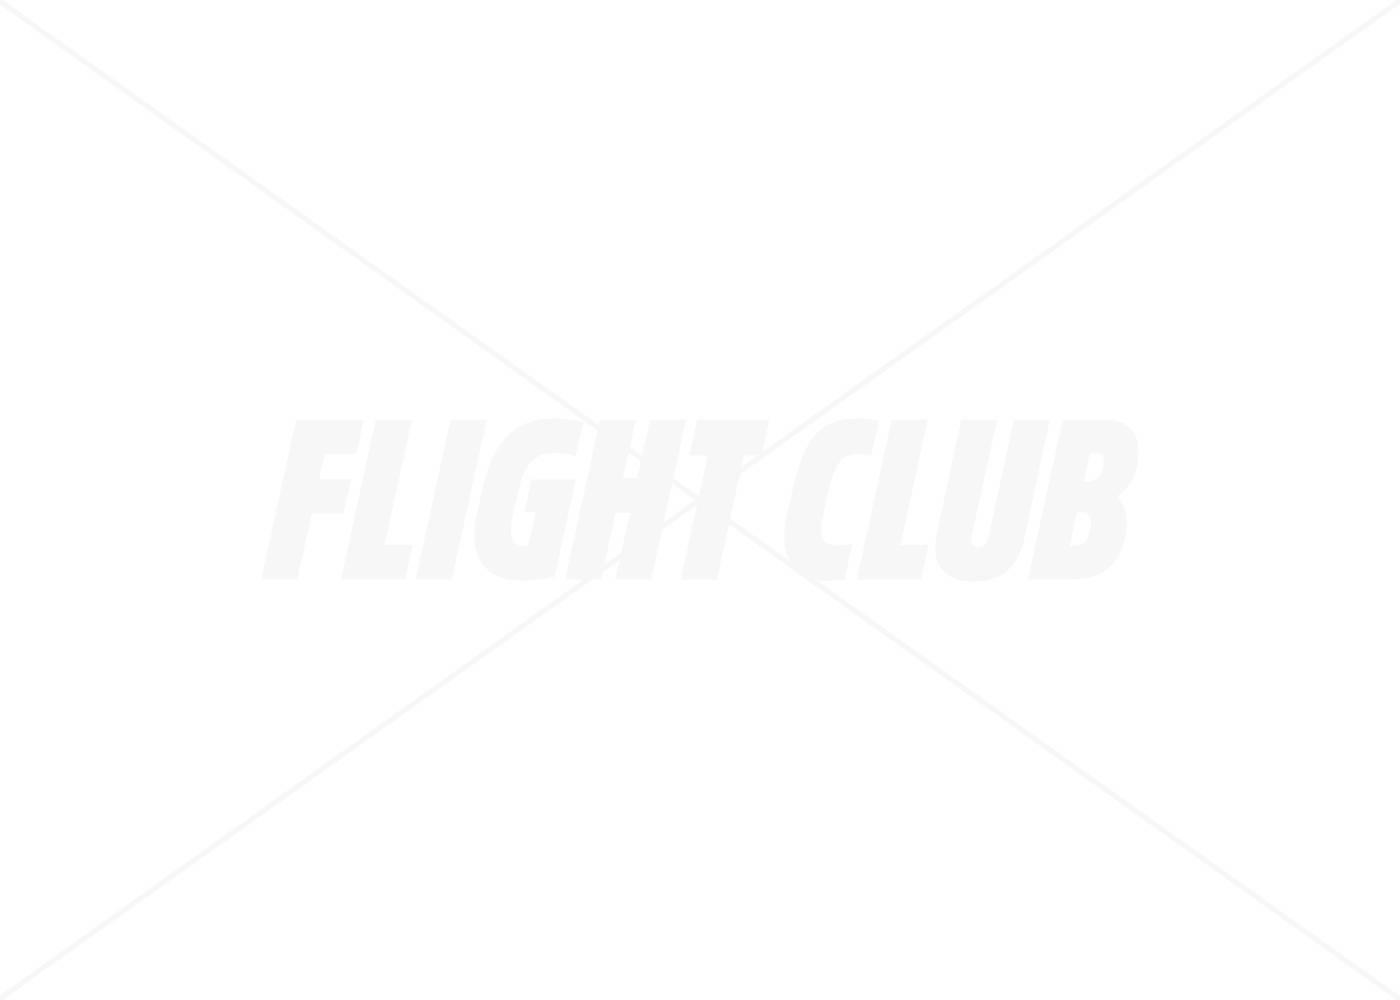 f2b4703ee038 Air Jordan 1 Retro High Og Nrg